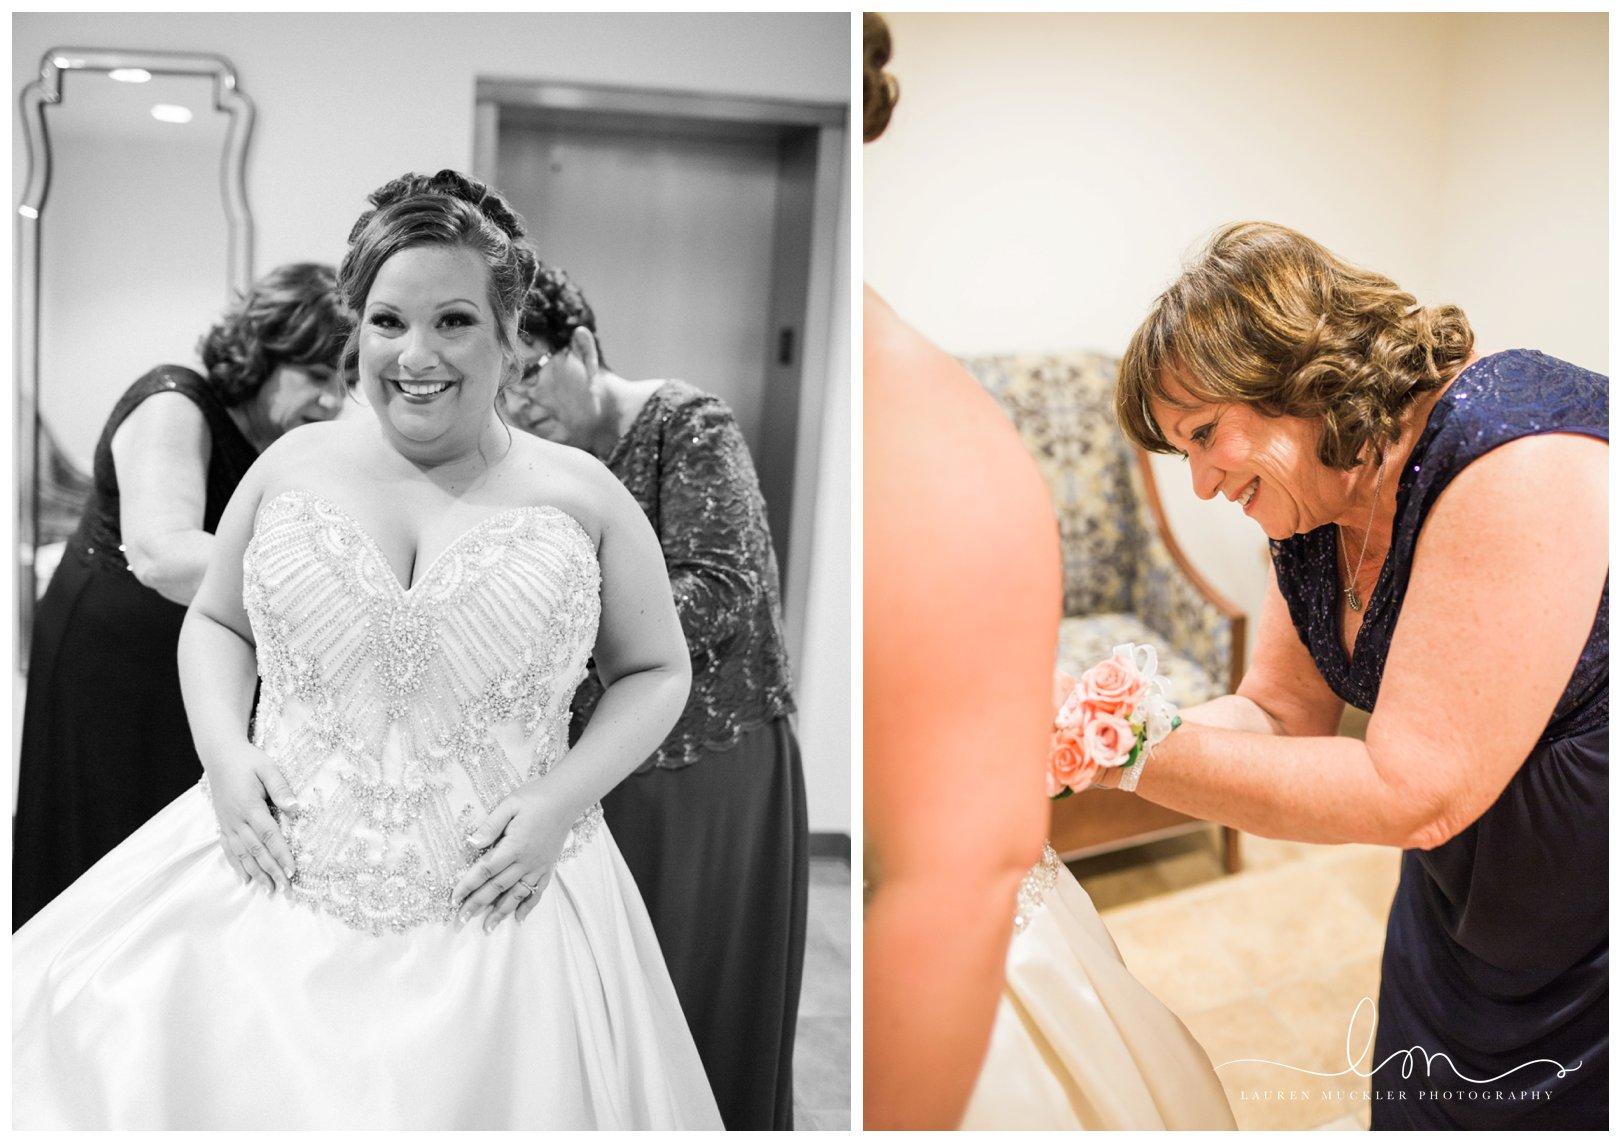 lauren muckler photography_fine art film wedding photography_st louis_photography_0618.jpg